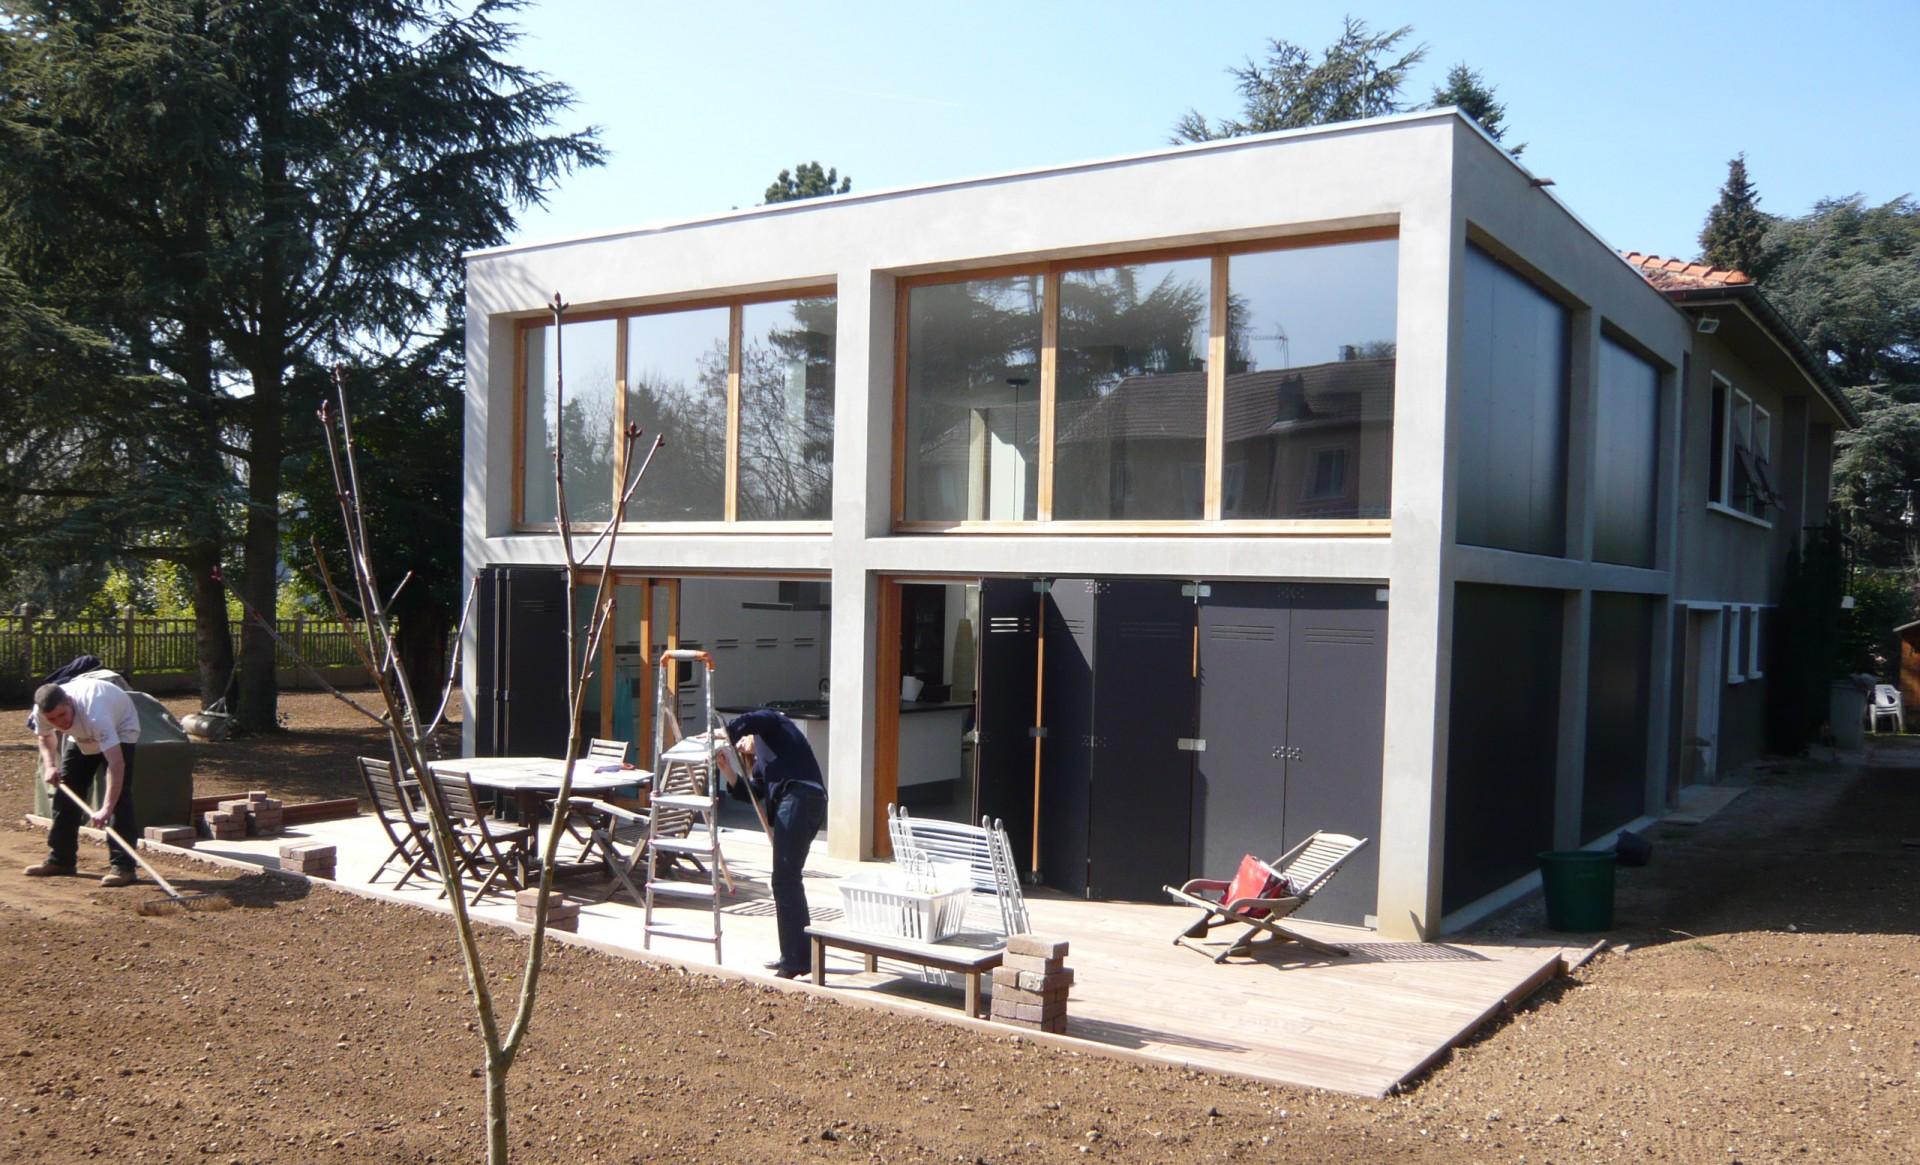 Co t maison bois au m2 des photoa des photoa de fond for Extension maison prix au m2